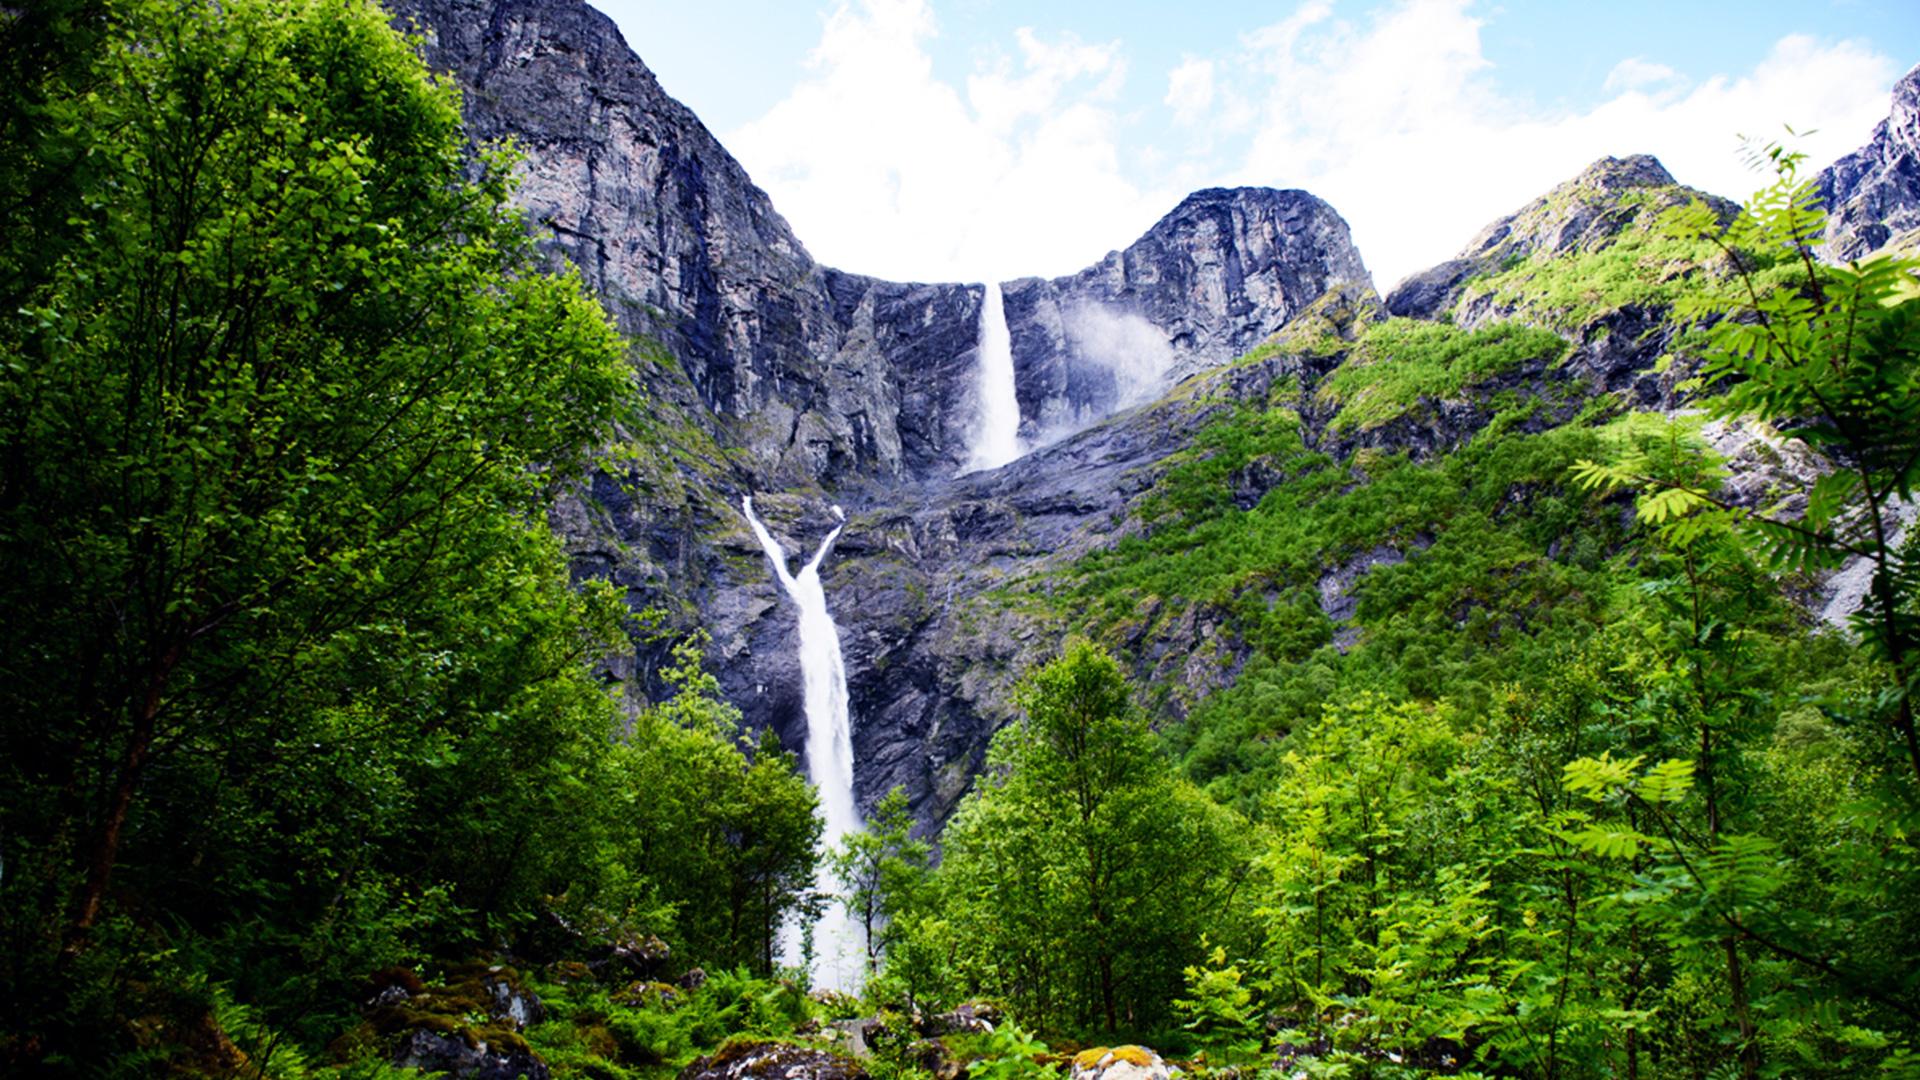 Mardalsfossen (Höchster Wasserfall)